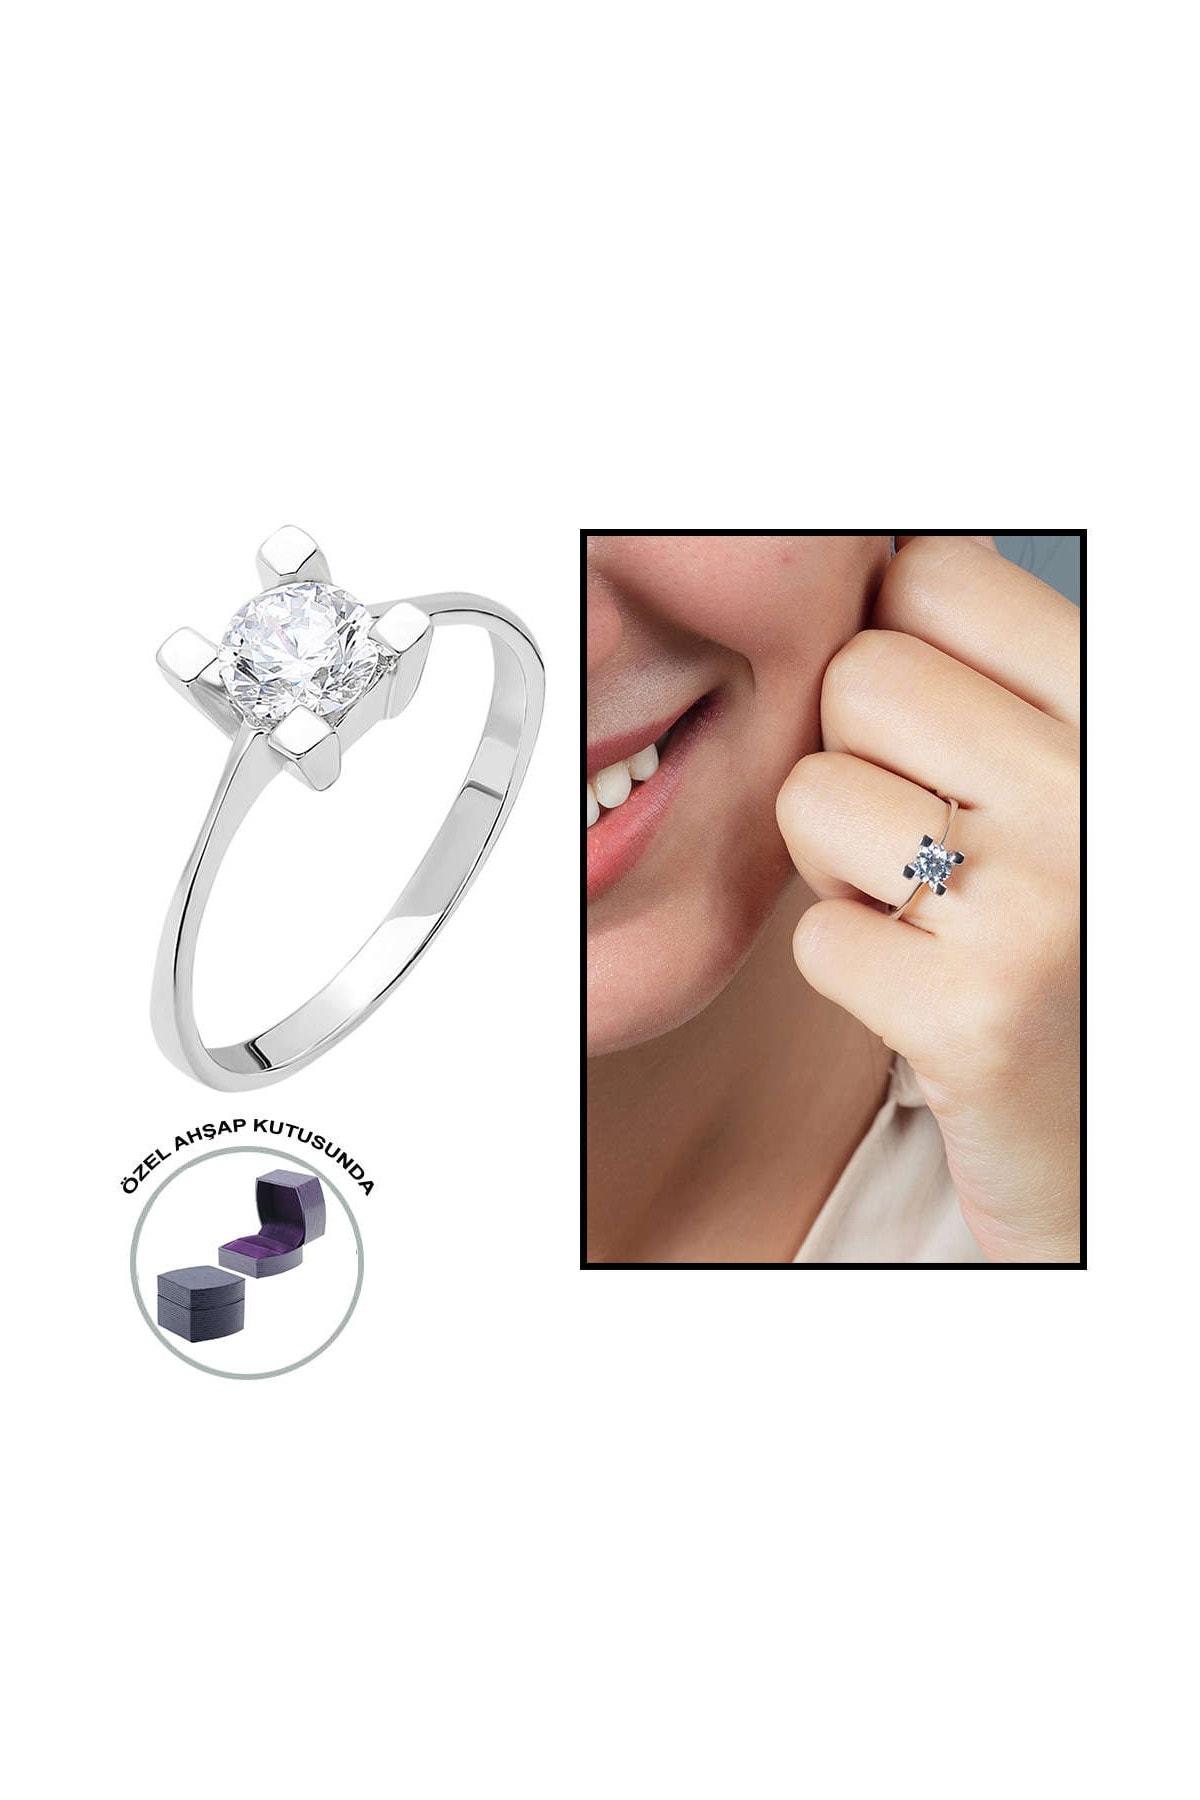 Tesbihane Starlight Diamond Pırlanta Montür Kare Tasarım 925 Ayar Gümüş Bayan Tektaş Yüzük 102001785